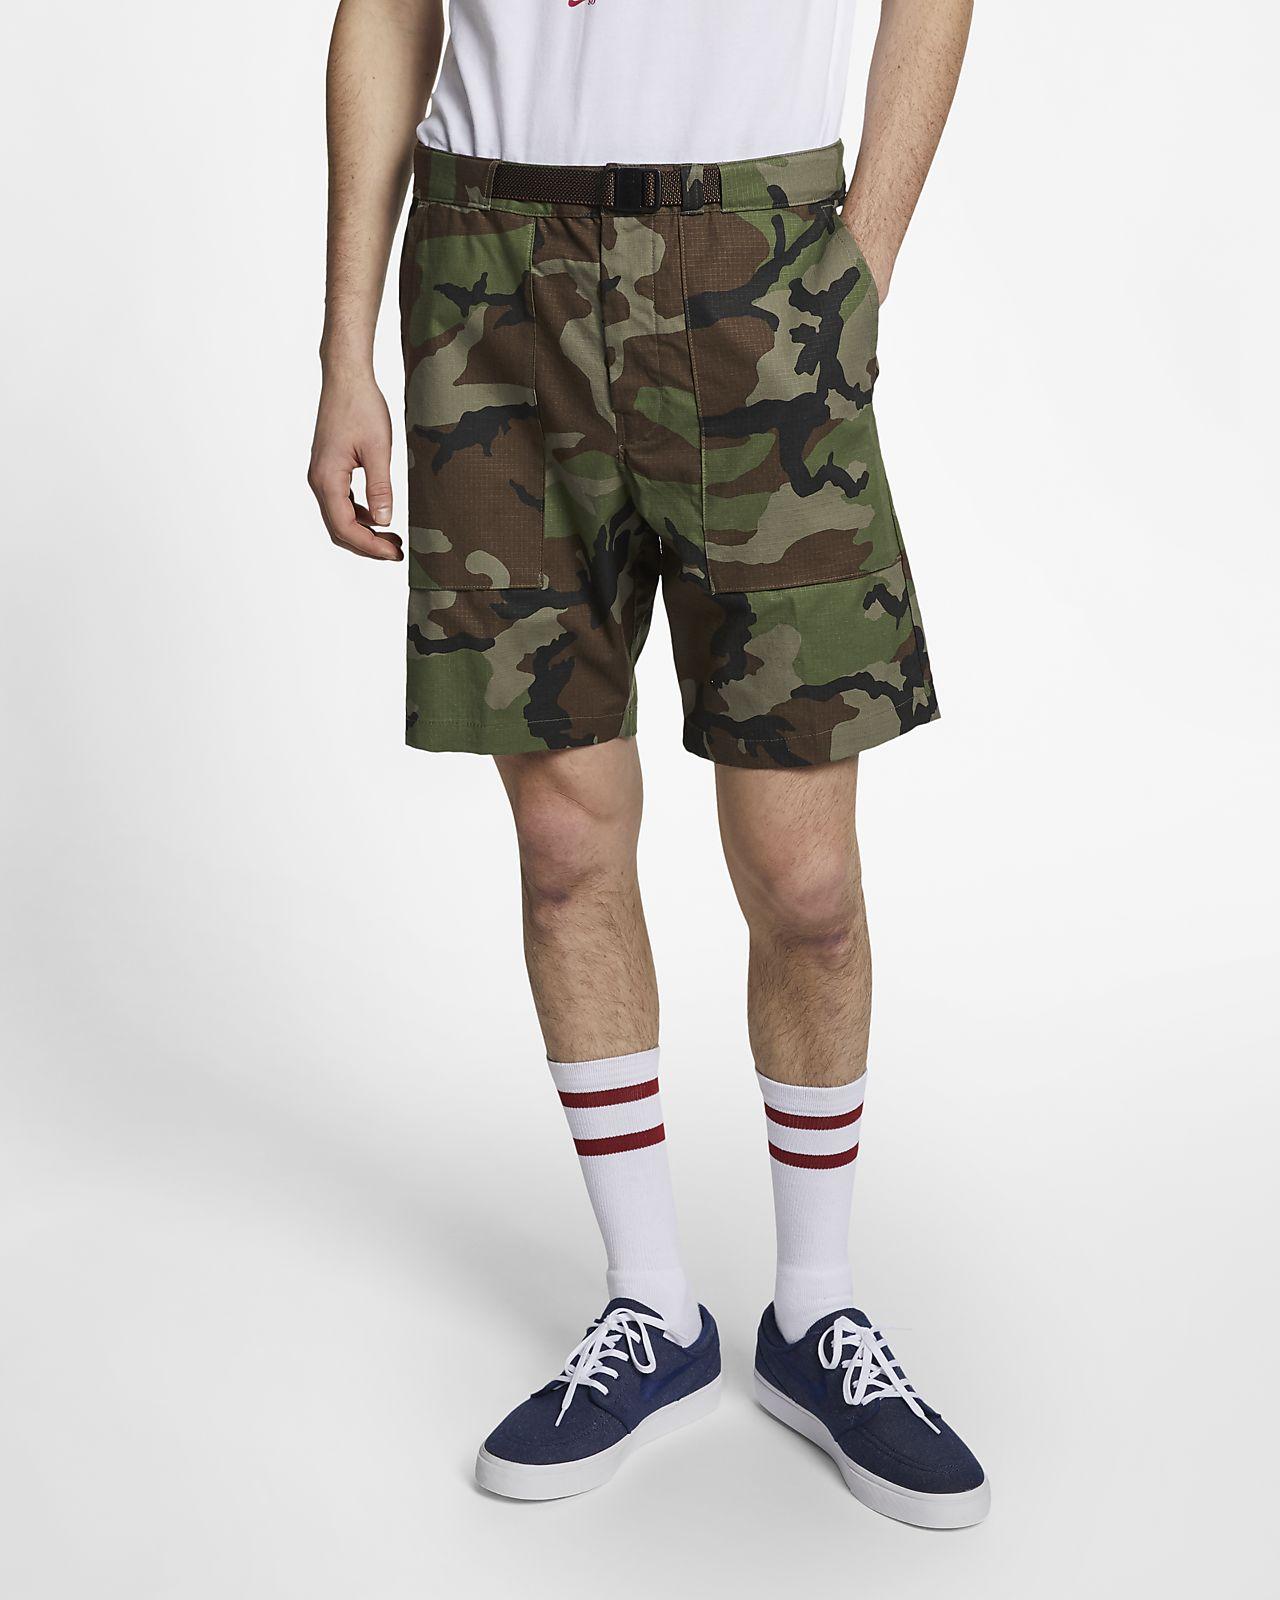 Nike SB-camo-skatershorts til mænd